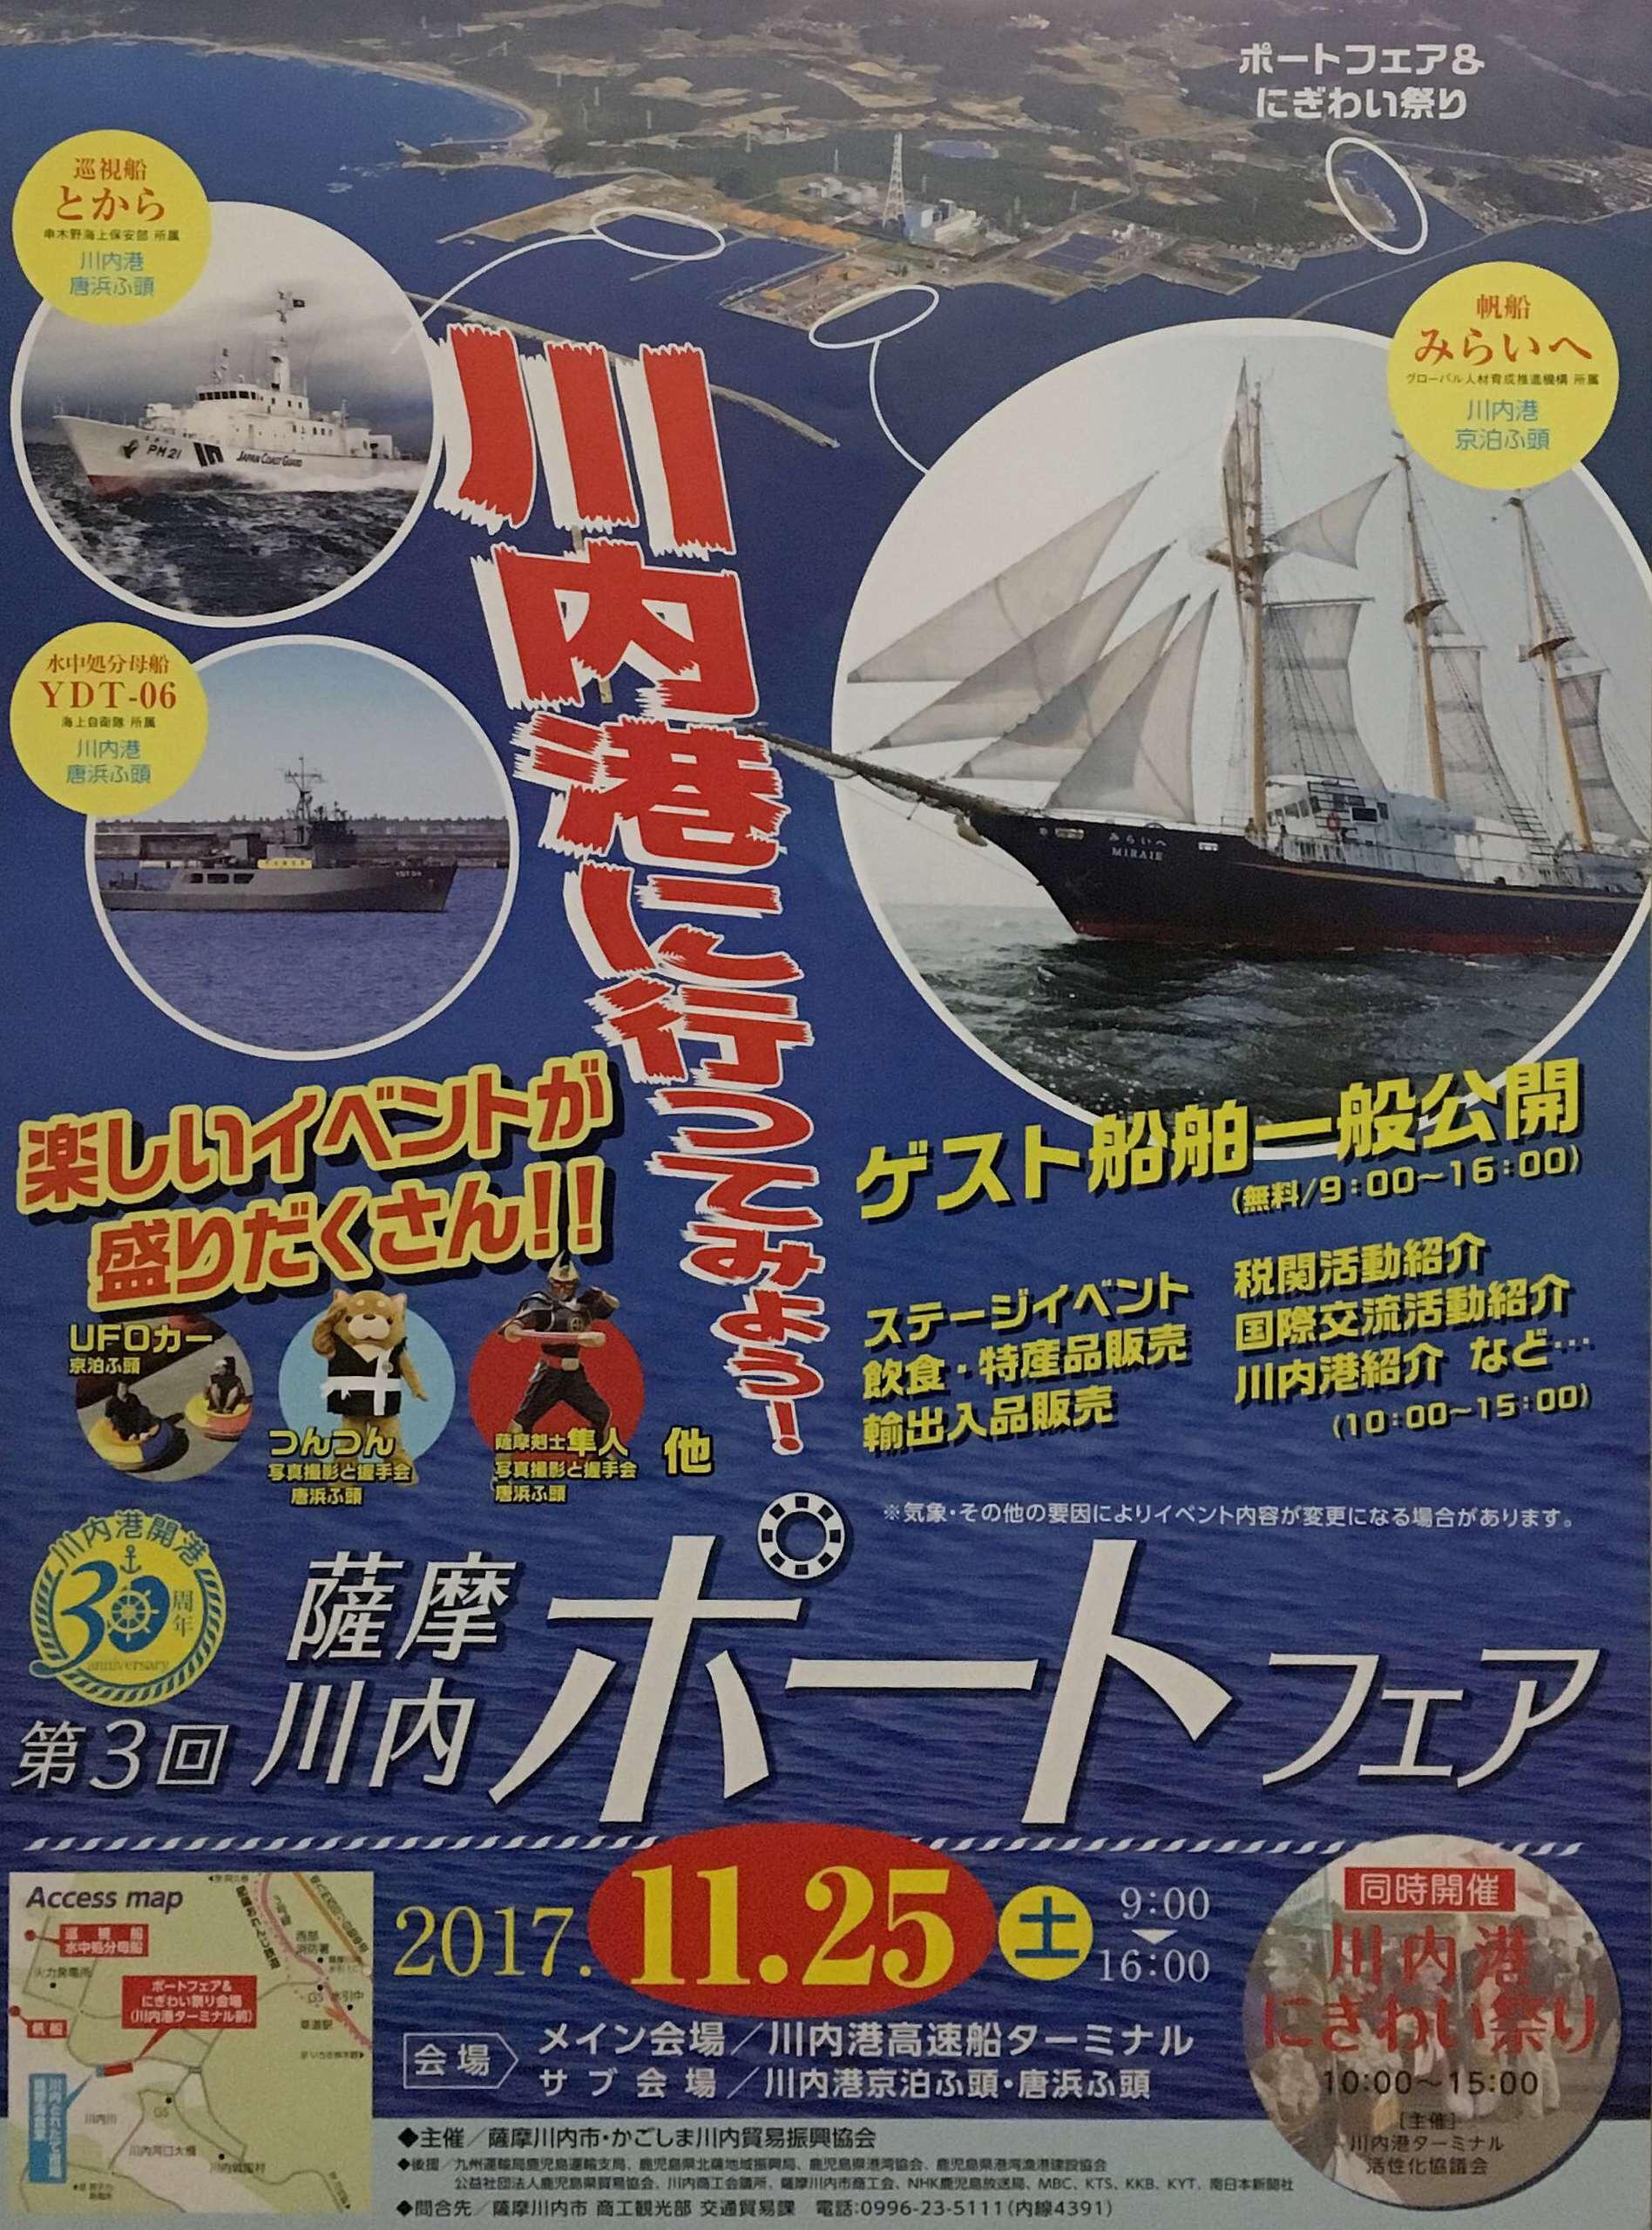 第3回薩摩川内ポートフェア・第8回川内港にぎわい祭り